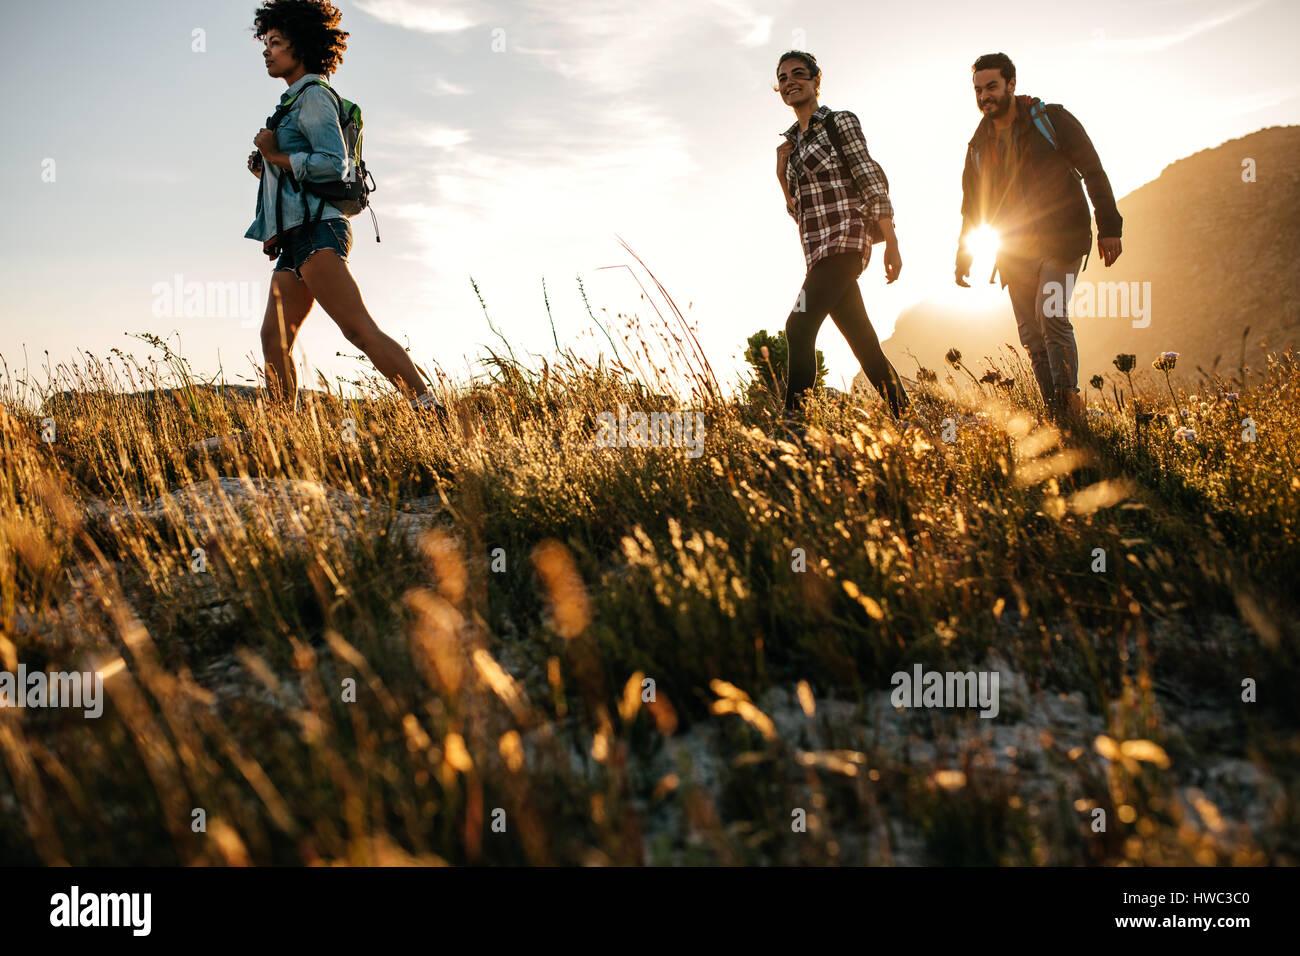 Tre giovani amici su un paese a piedi. Gruppo di persone passeggiate attraverso la campagna. Immagini Stock